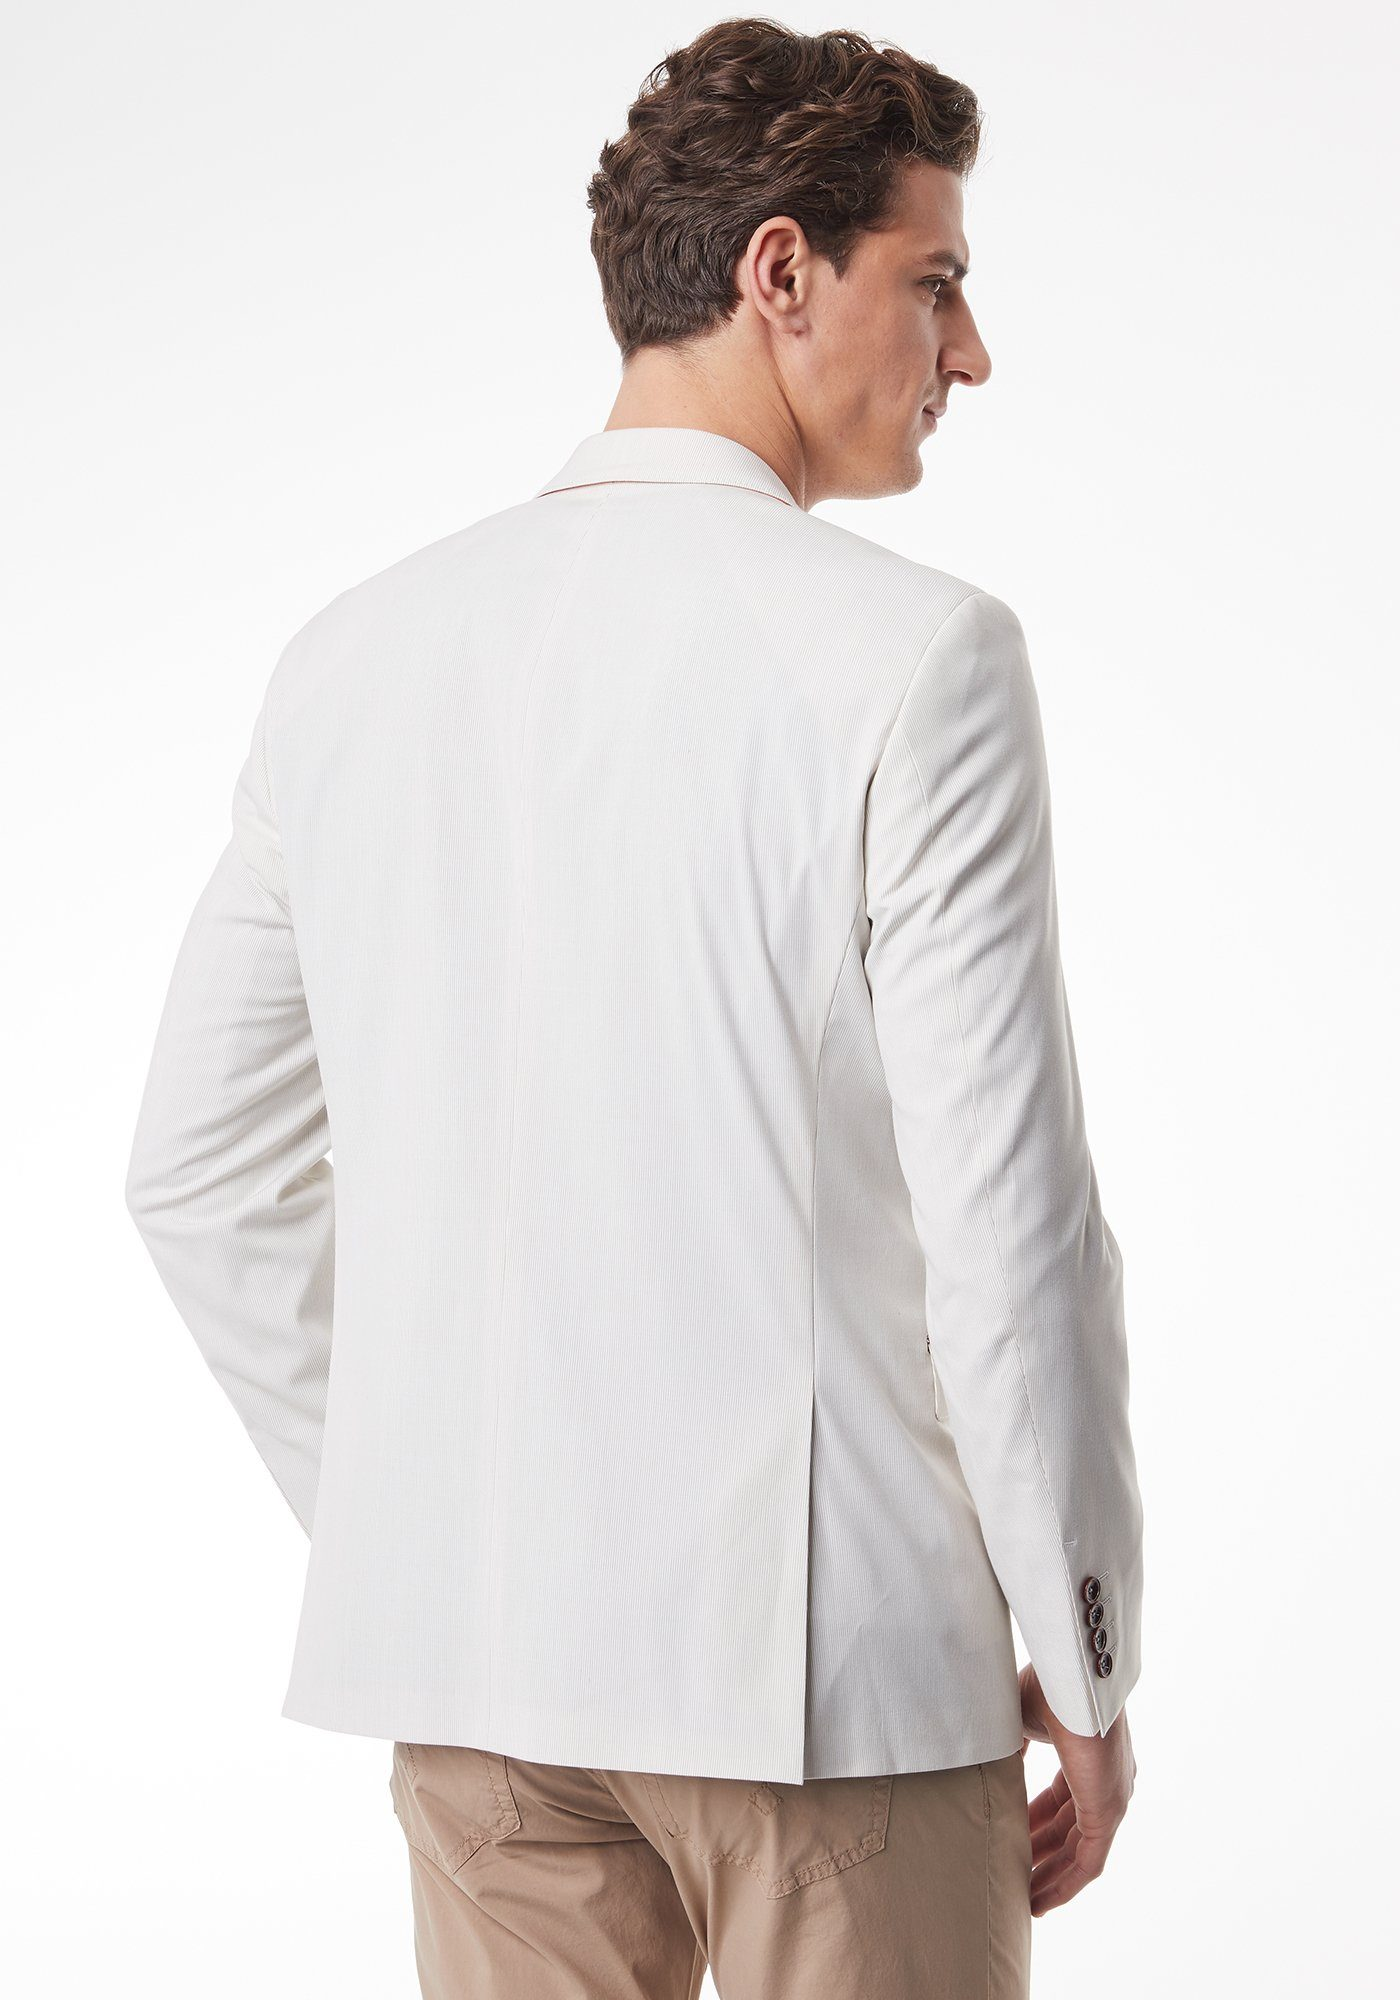 Kaufen SakkoGestreiftRegular Online Fit »nicolas Pierre Cardin Airtouch« w8nmN0